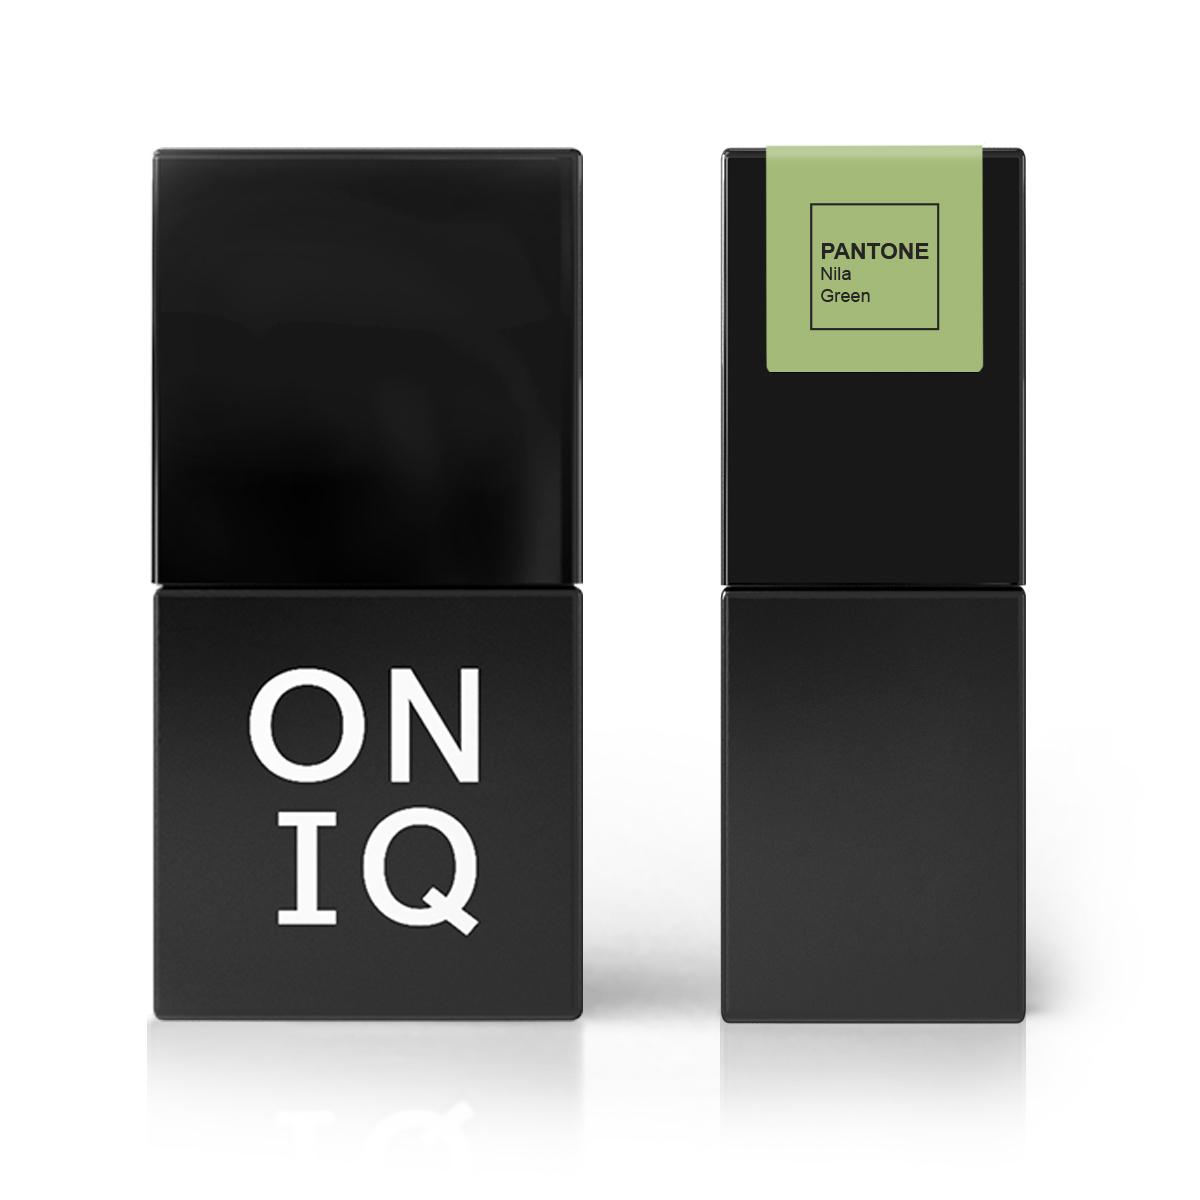 ONIQ Гель-лак для покрытия ногтей, Pantone: Nile green, 10 мл -  Гель-лаки